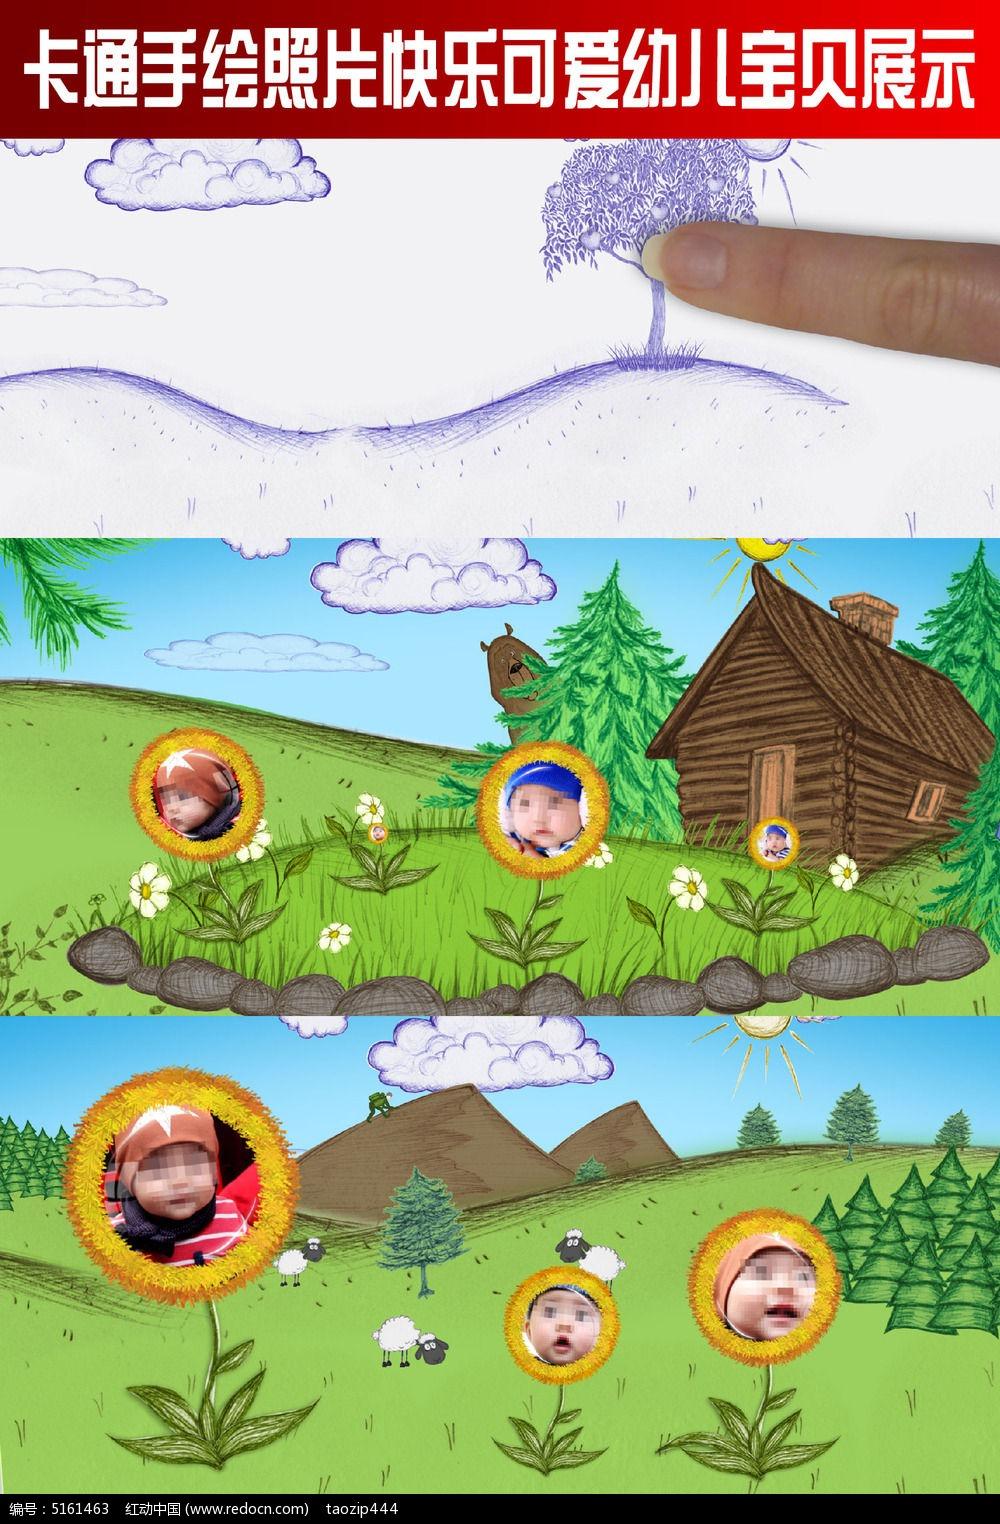 卡通手绘照片快乐可爱幼儿宝贝展示ae模板